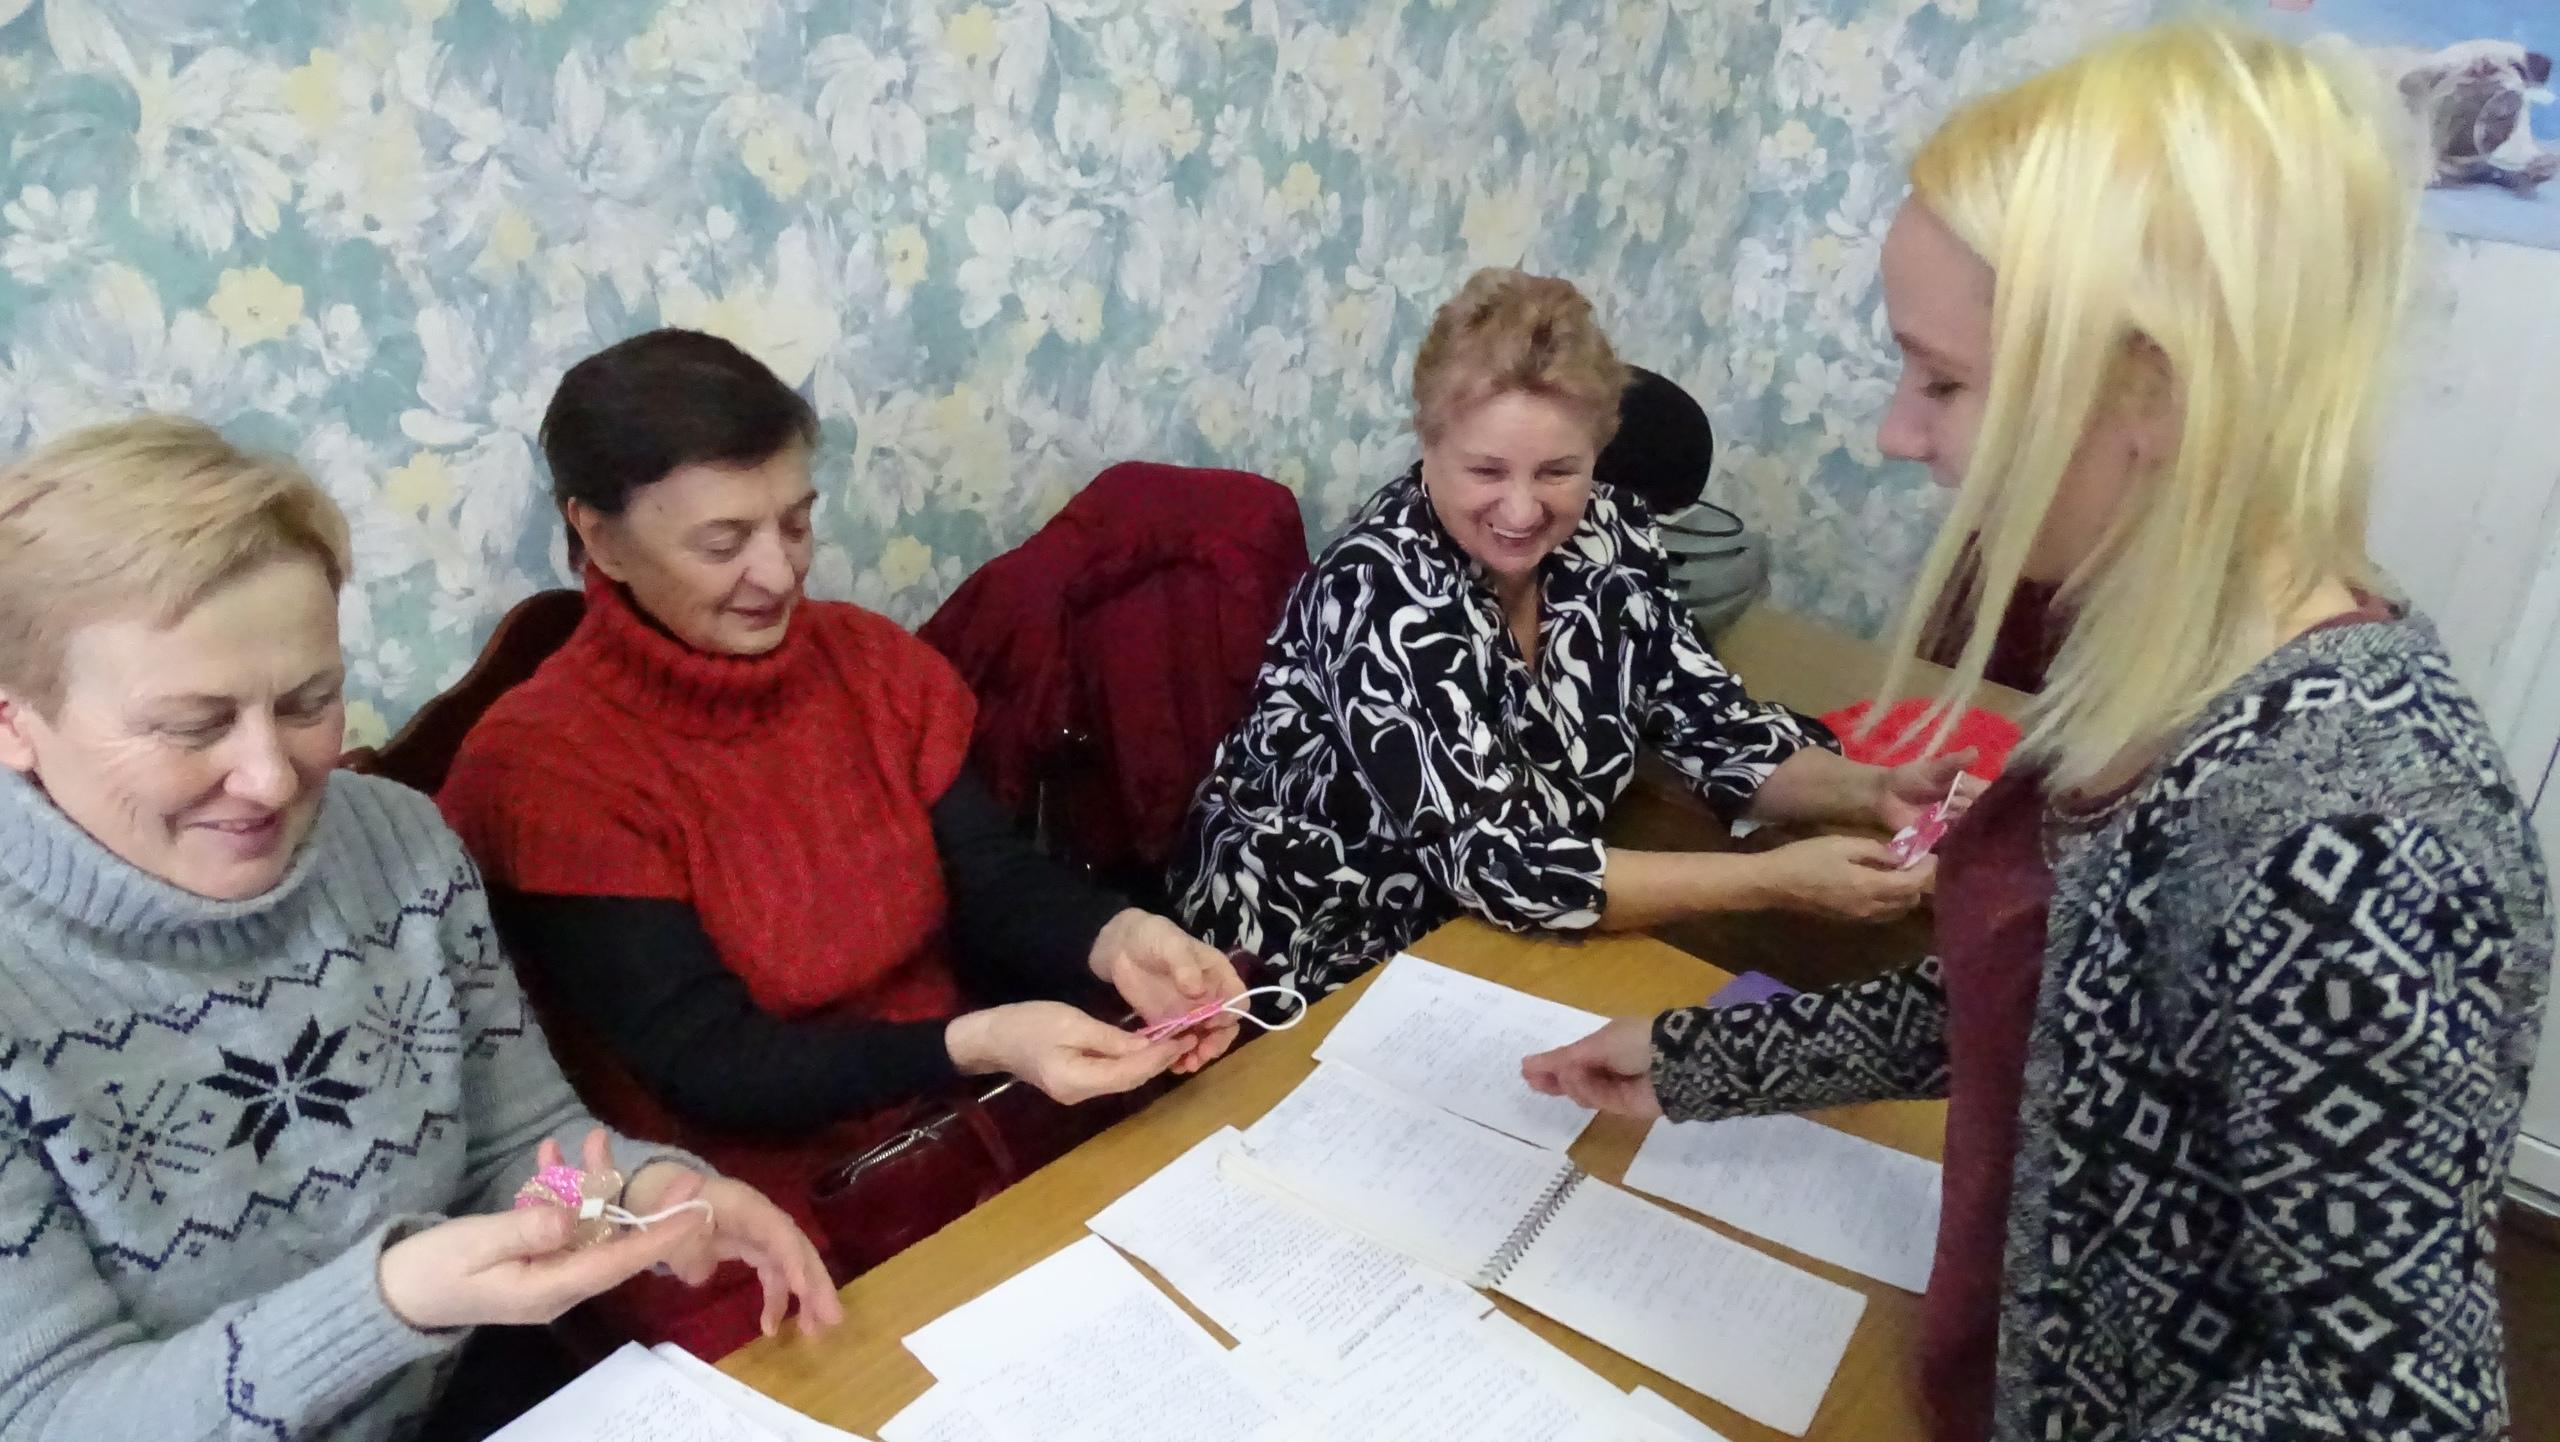 Посиделки для пожилых в доме культуры пансионаты для пожилых людей самарская область